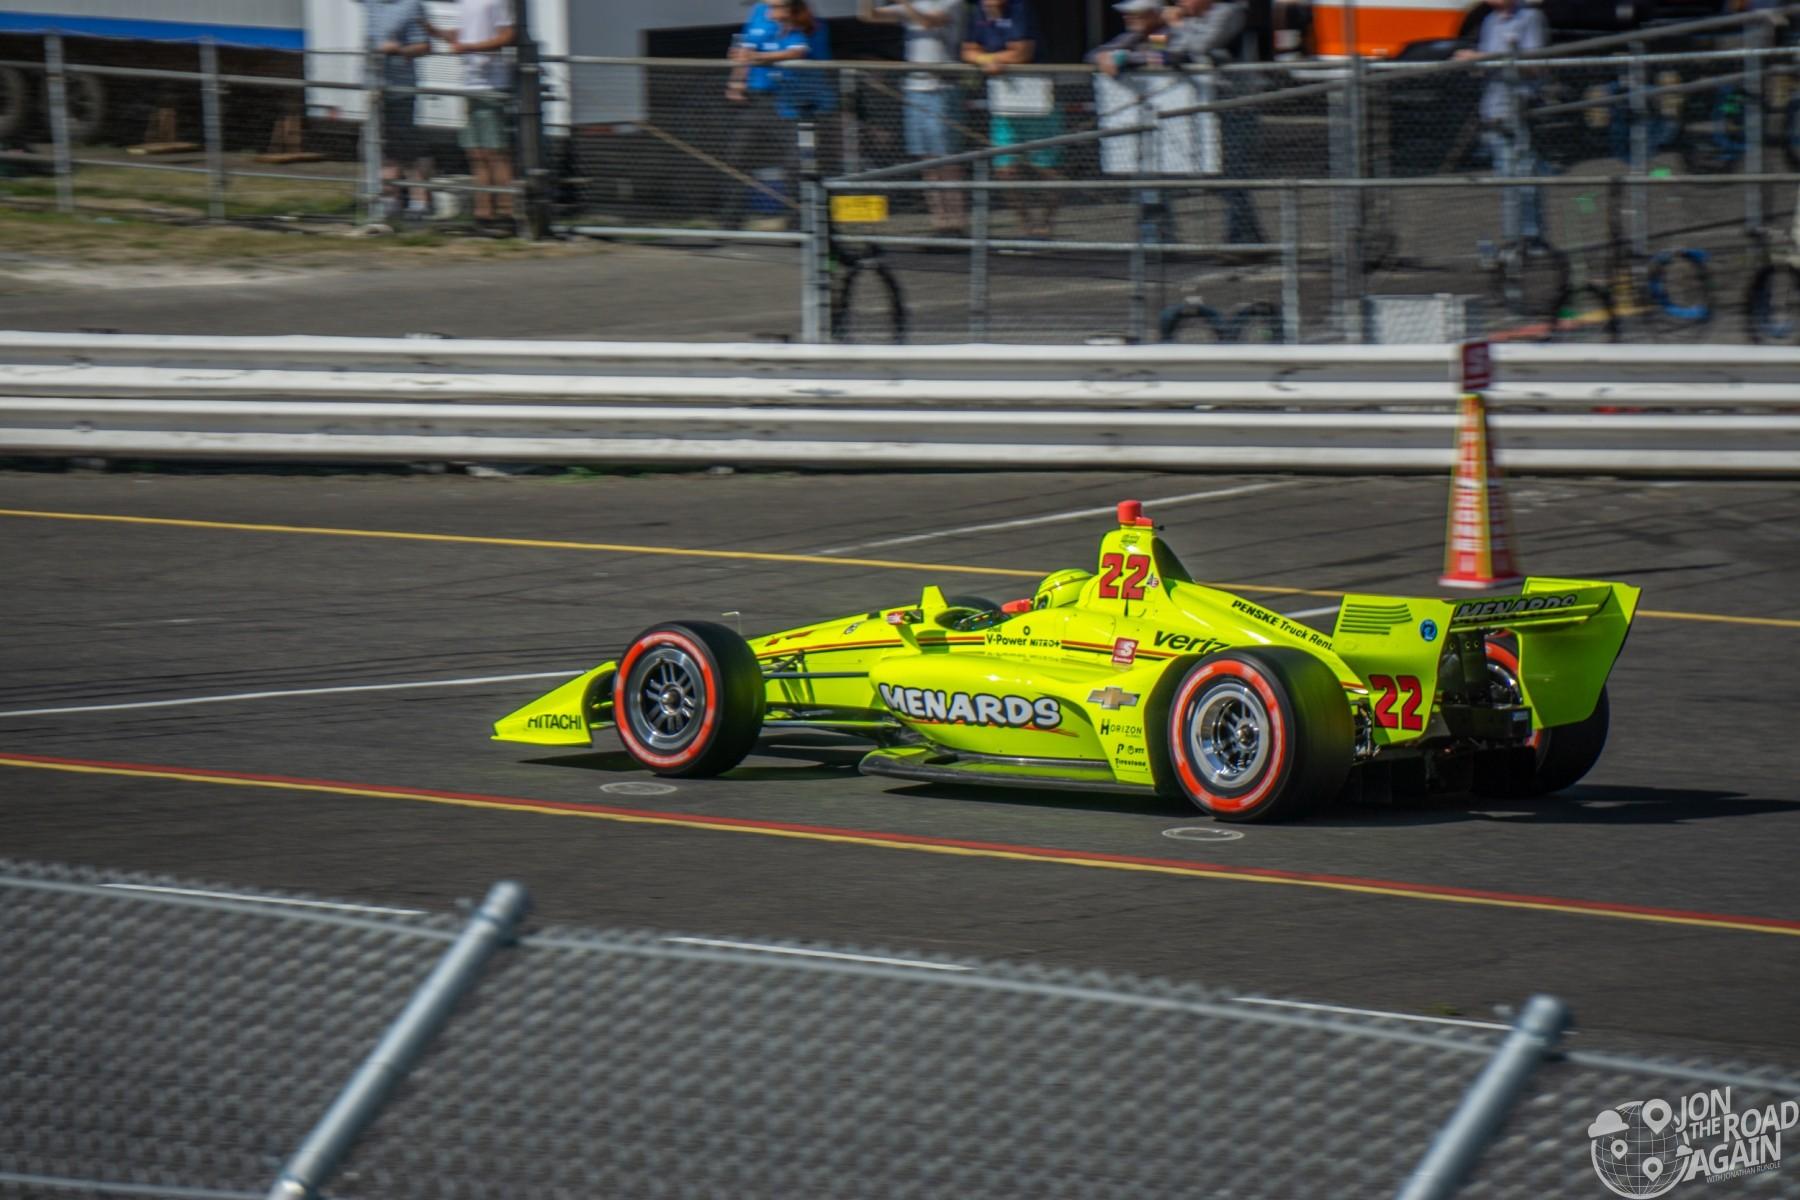 Menard's Indycar